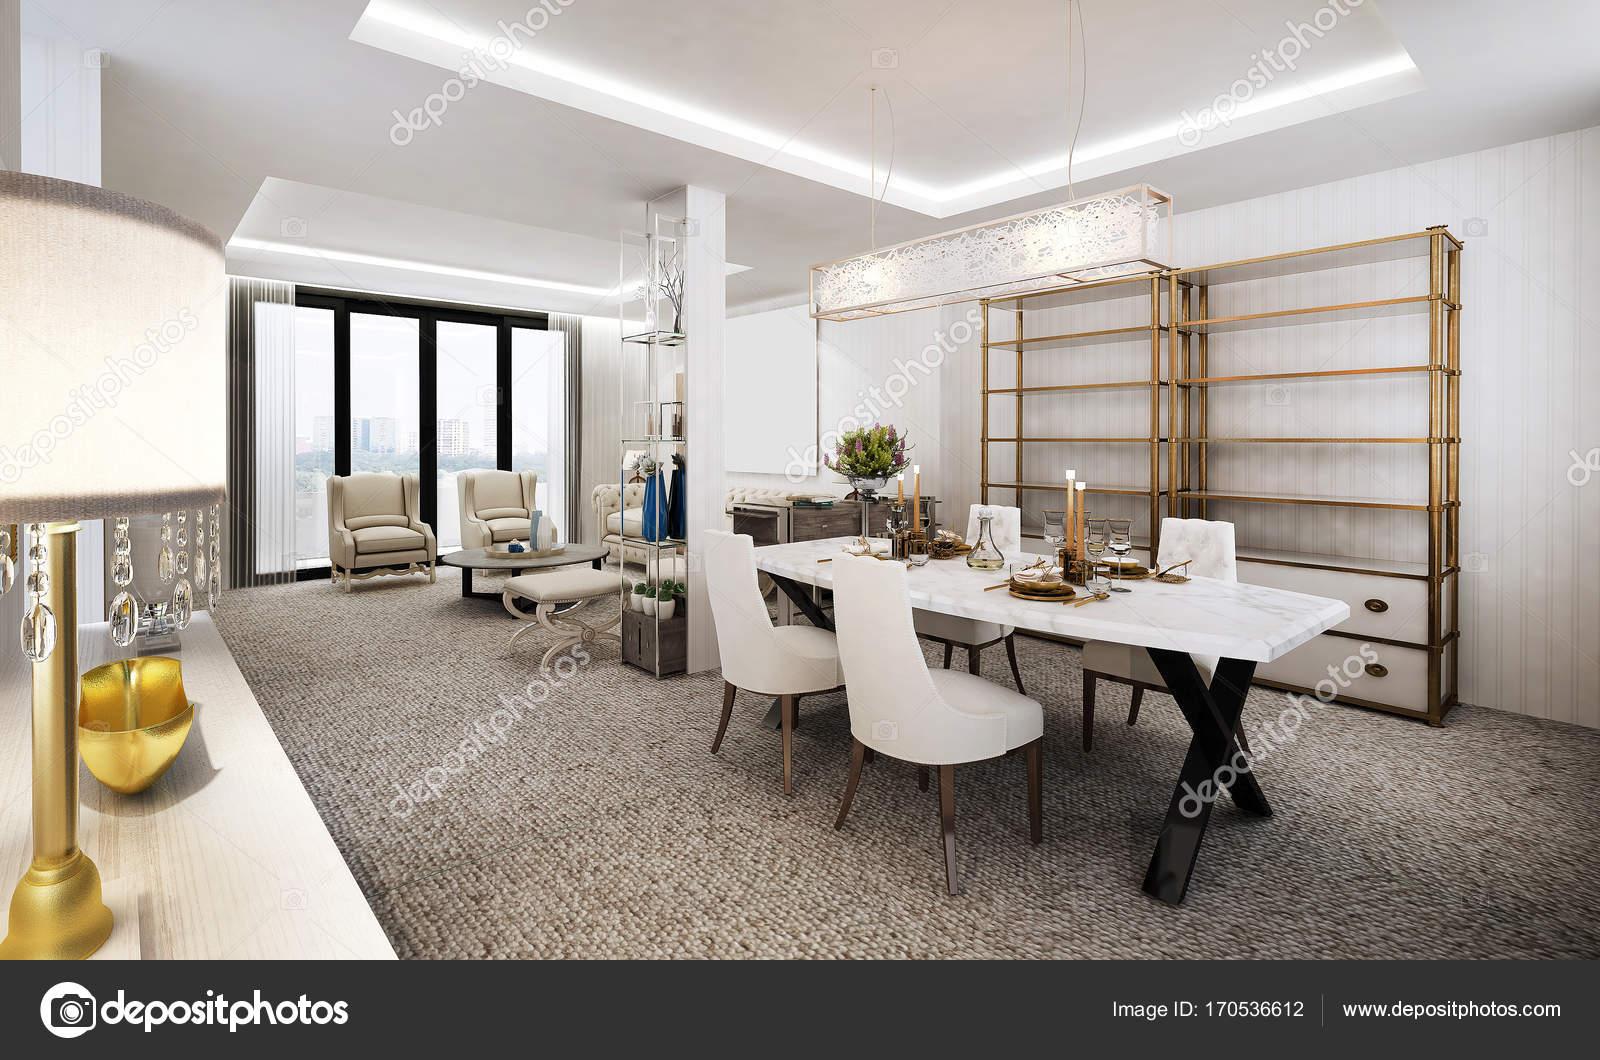 Das Luxus-Lounge und Wohnzimmer Interior Design und Esszimmer ...